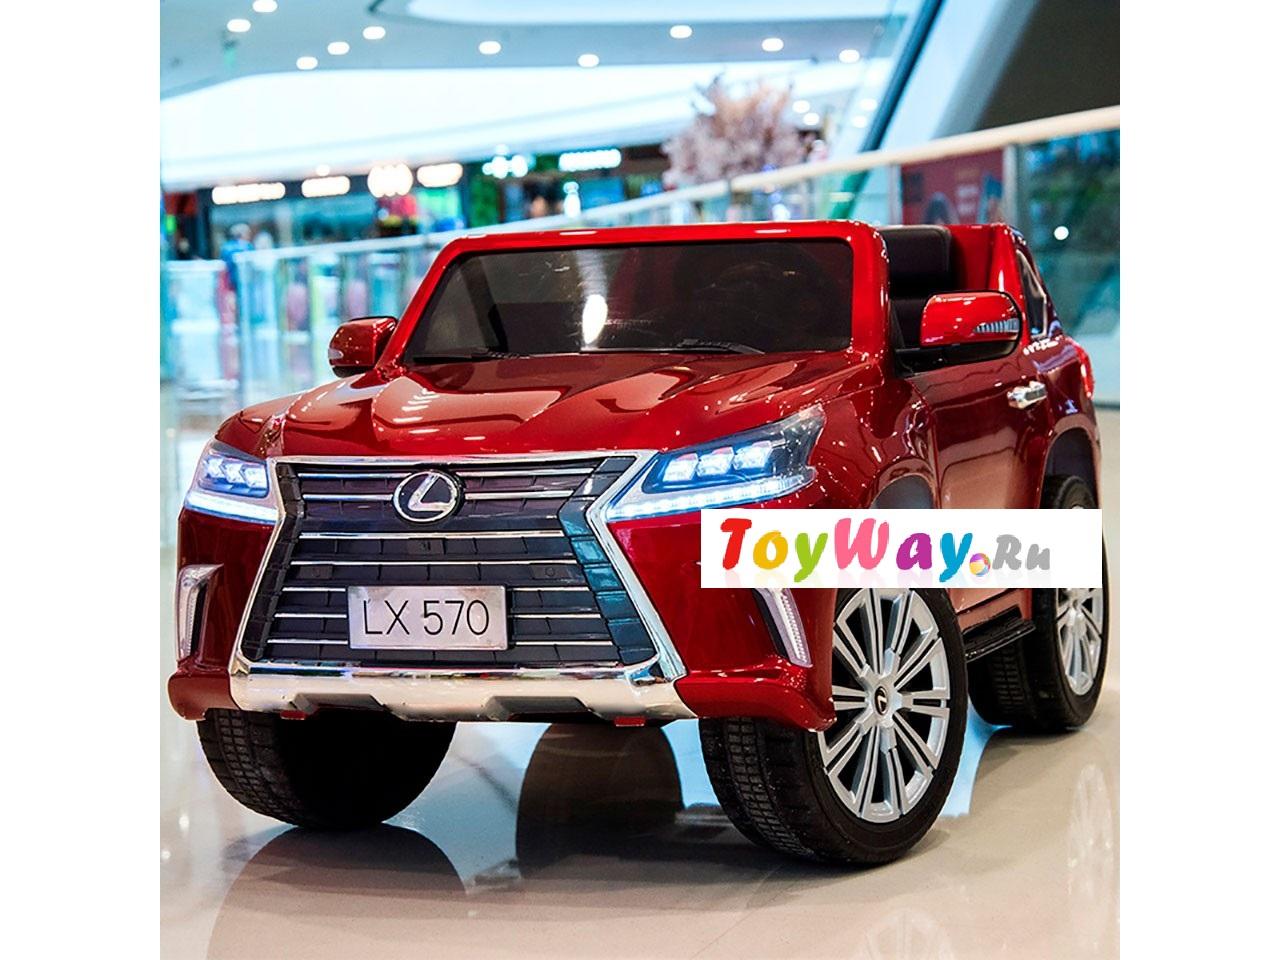 Электромобиль Lexus LX570, красный